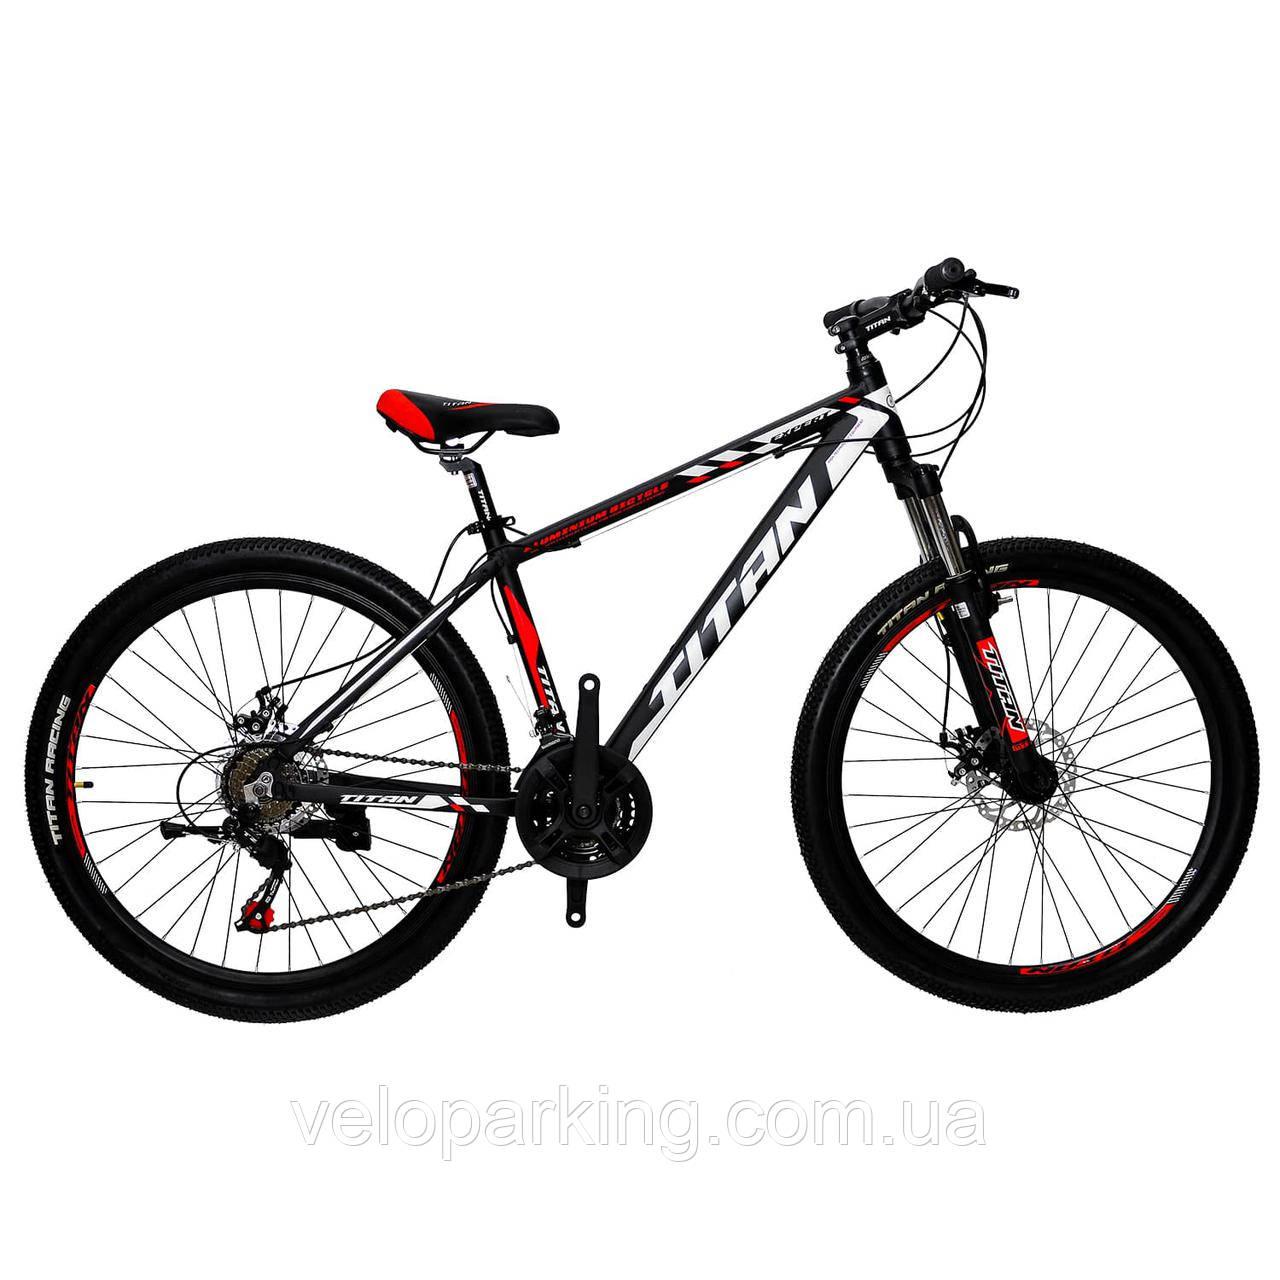 Горный алюминиевый велосипед Titan Expert 26 (2018) new